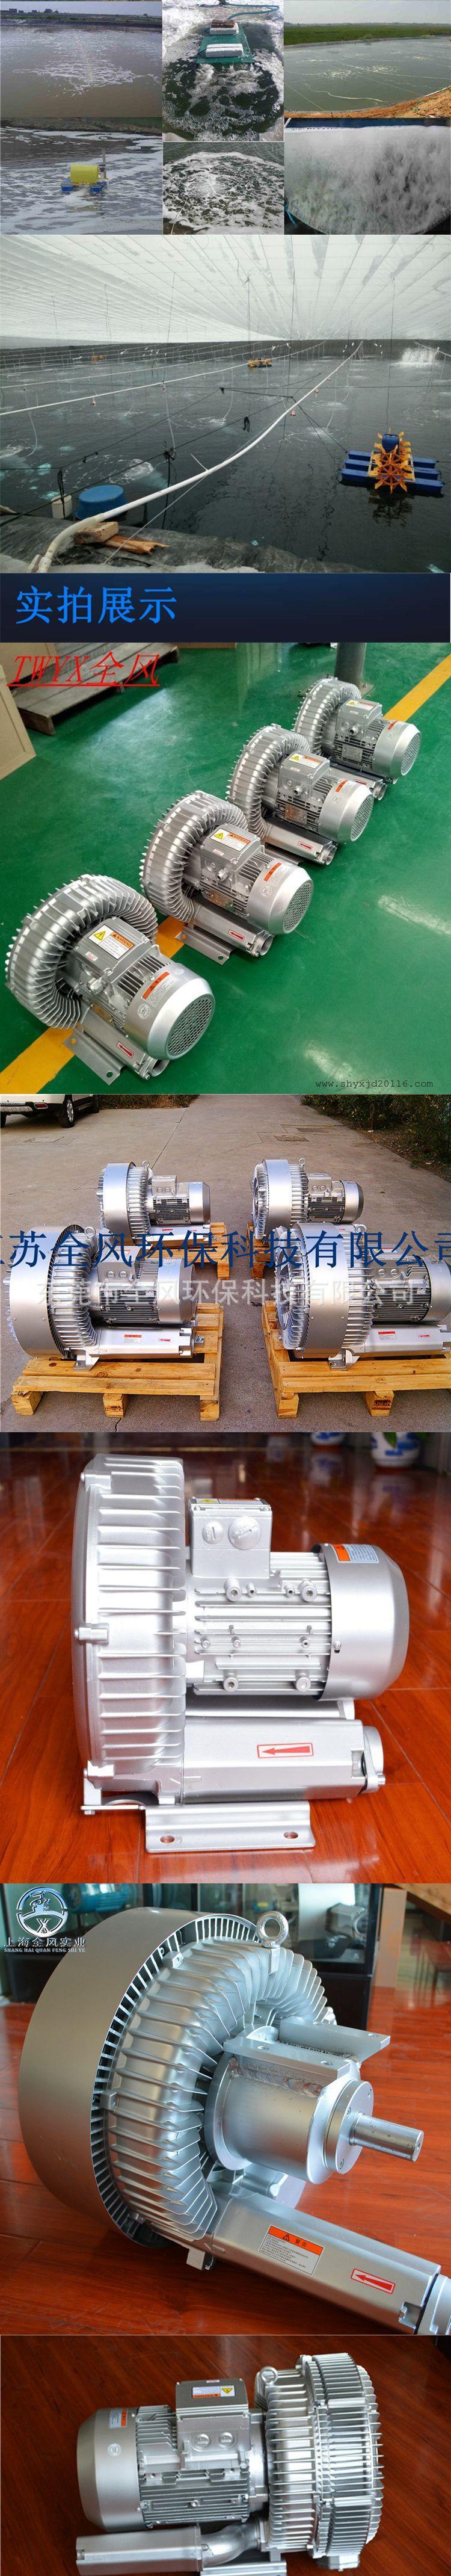 广州吸尘风机 除尘器旋涡气泵 静音型漩涡气泵 低噪音旋涡高压鼓风机厂家示例图1